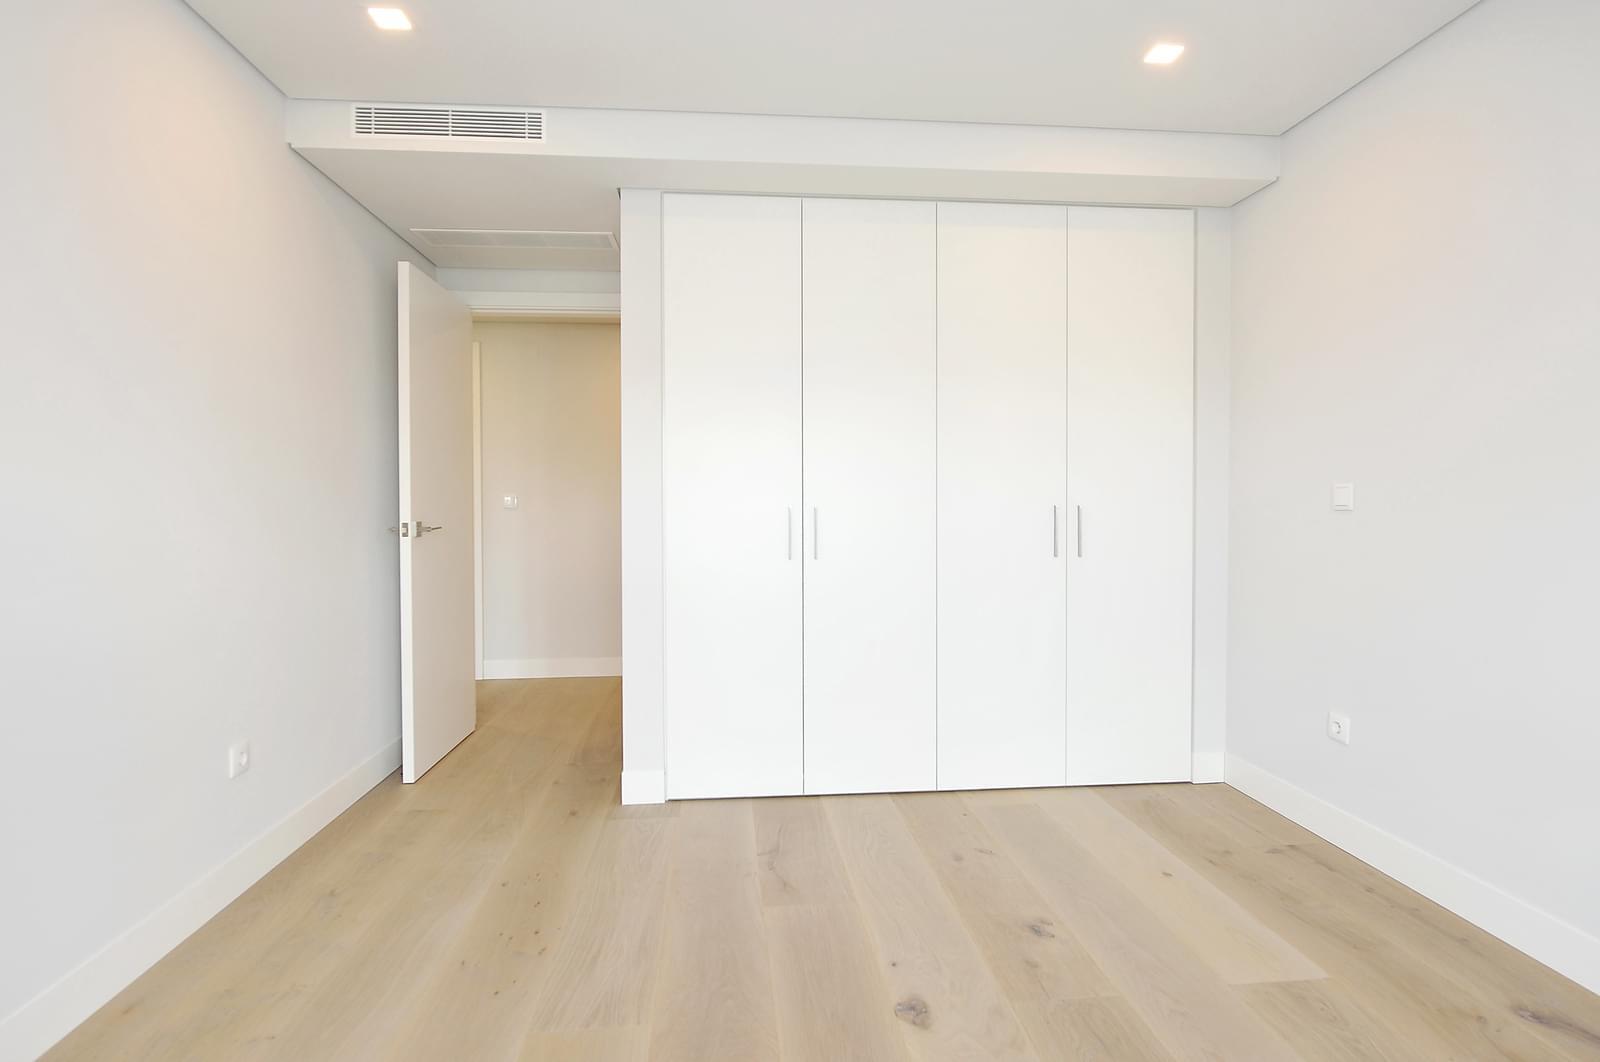 pf18989-apartamento-t4-oeiras-29e576bc-633b-48c8-9d24-198fcd914559